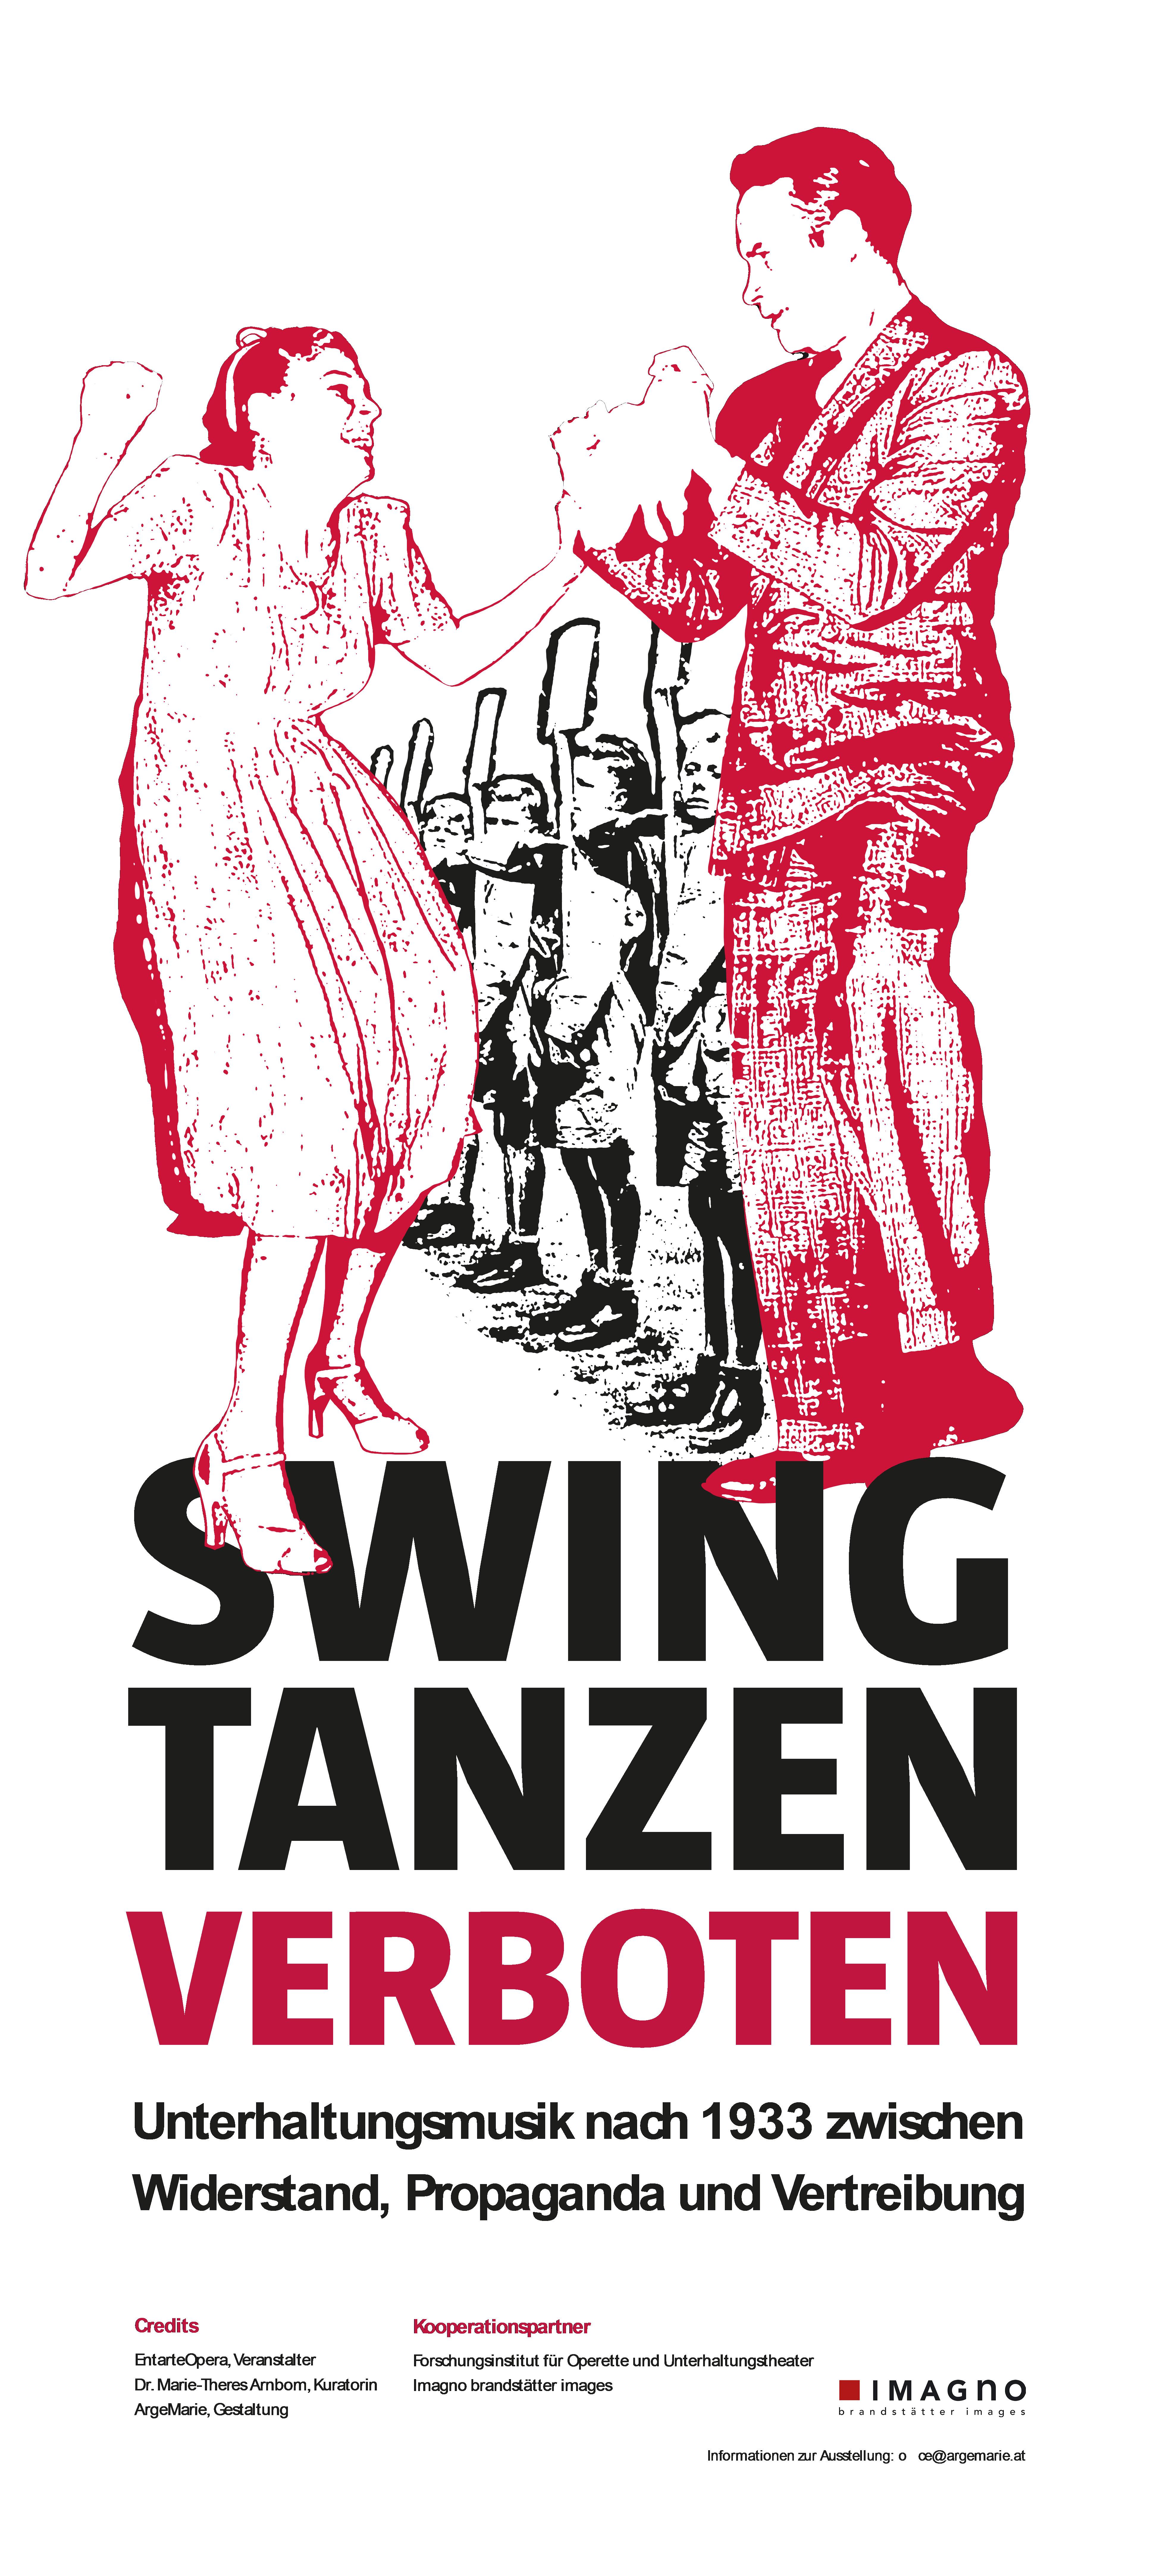 swing tanzen verboten Plakatsujet